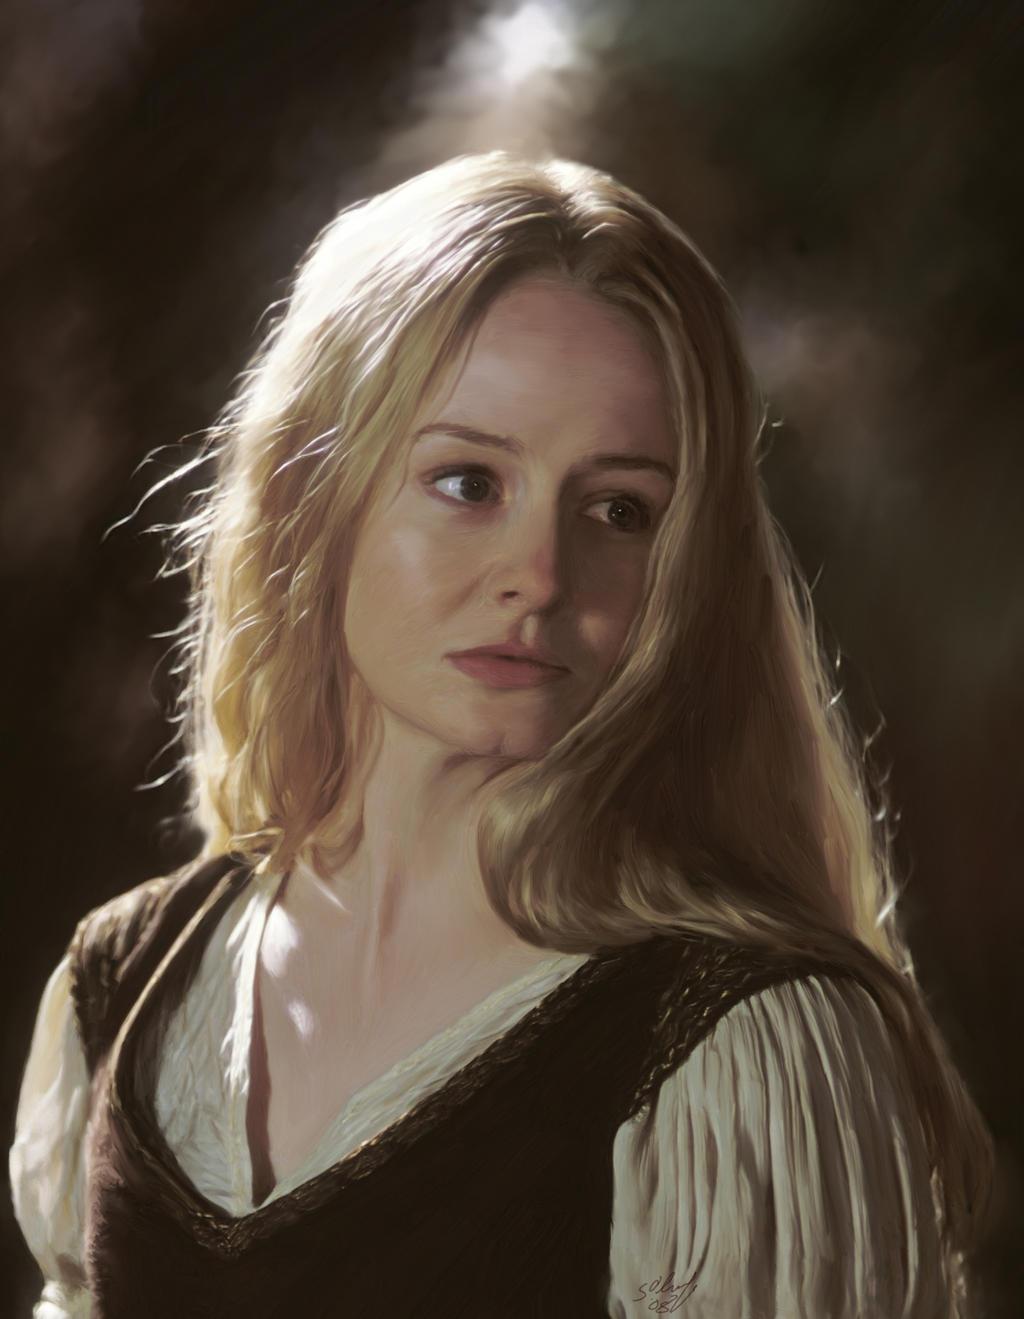 Eowyn - Lady of Rohan by Obgee